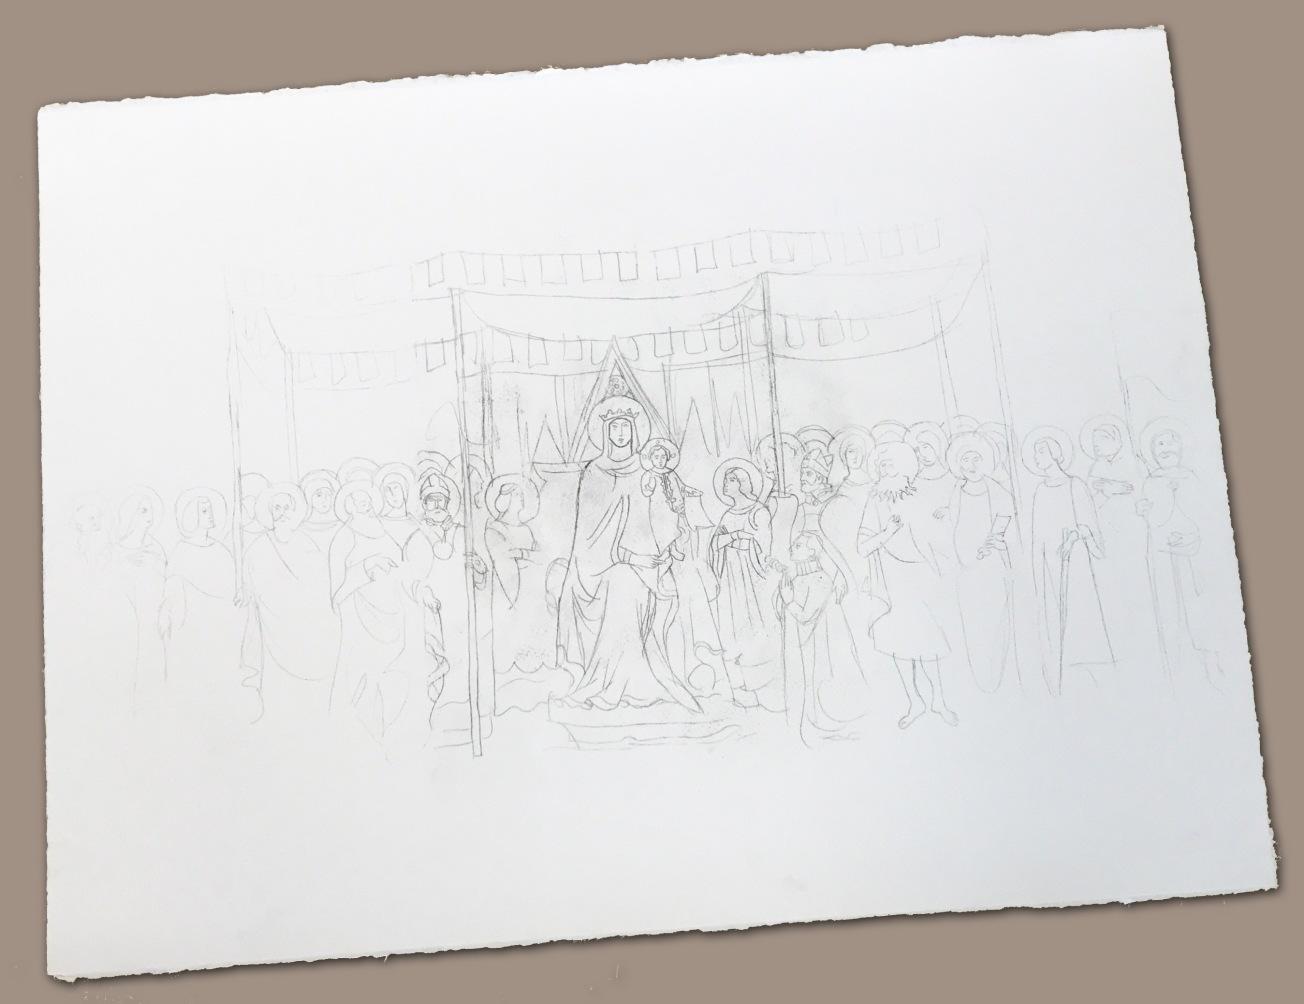 disegno su carta